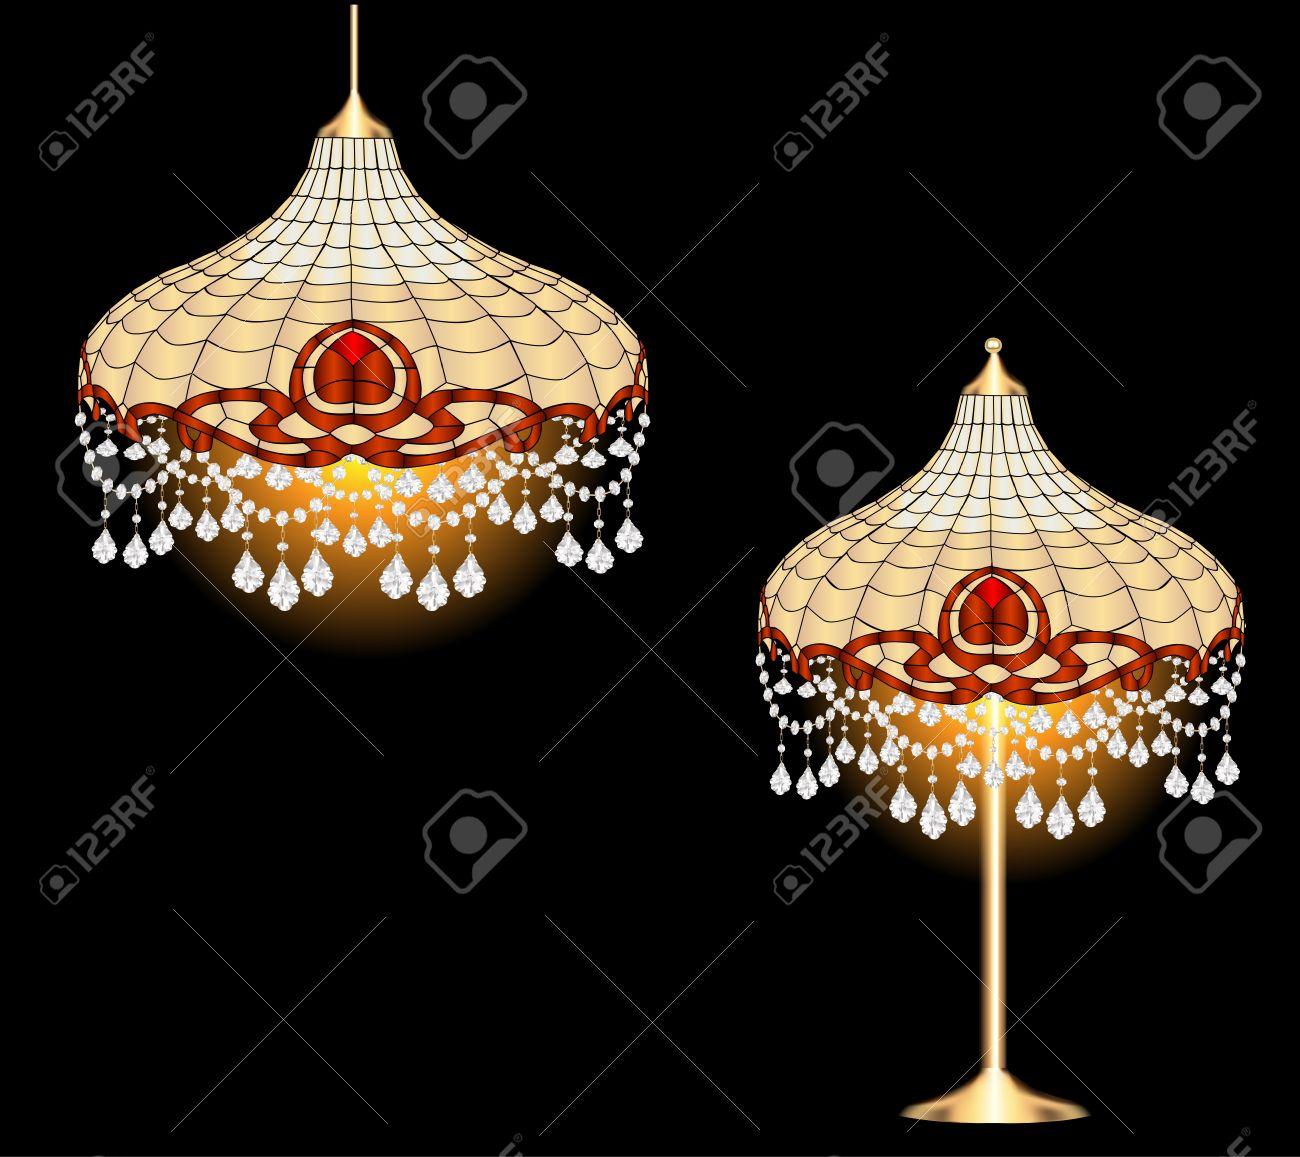 Lampadario con lampade pendenti: illuminazione cantori iago ...